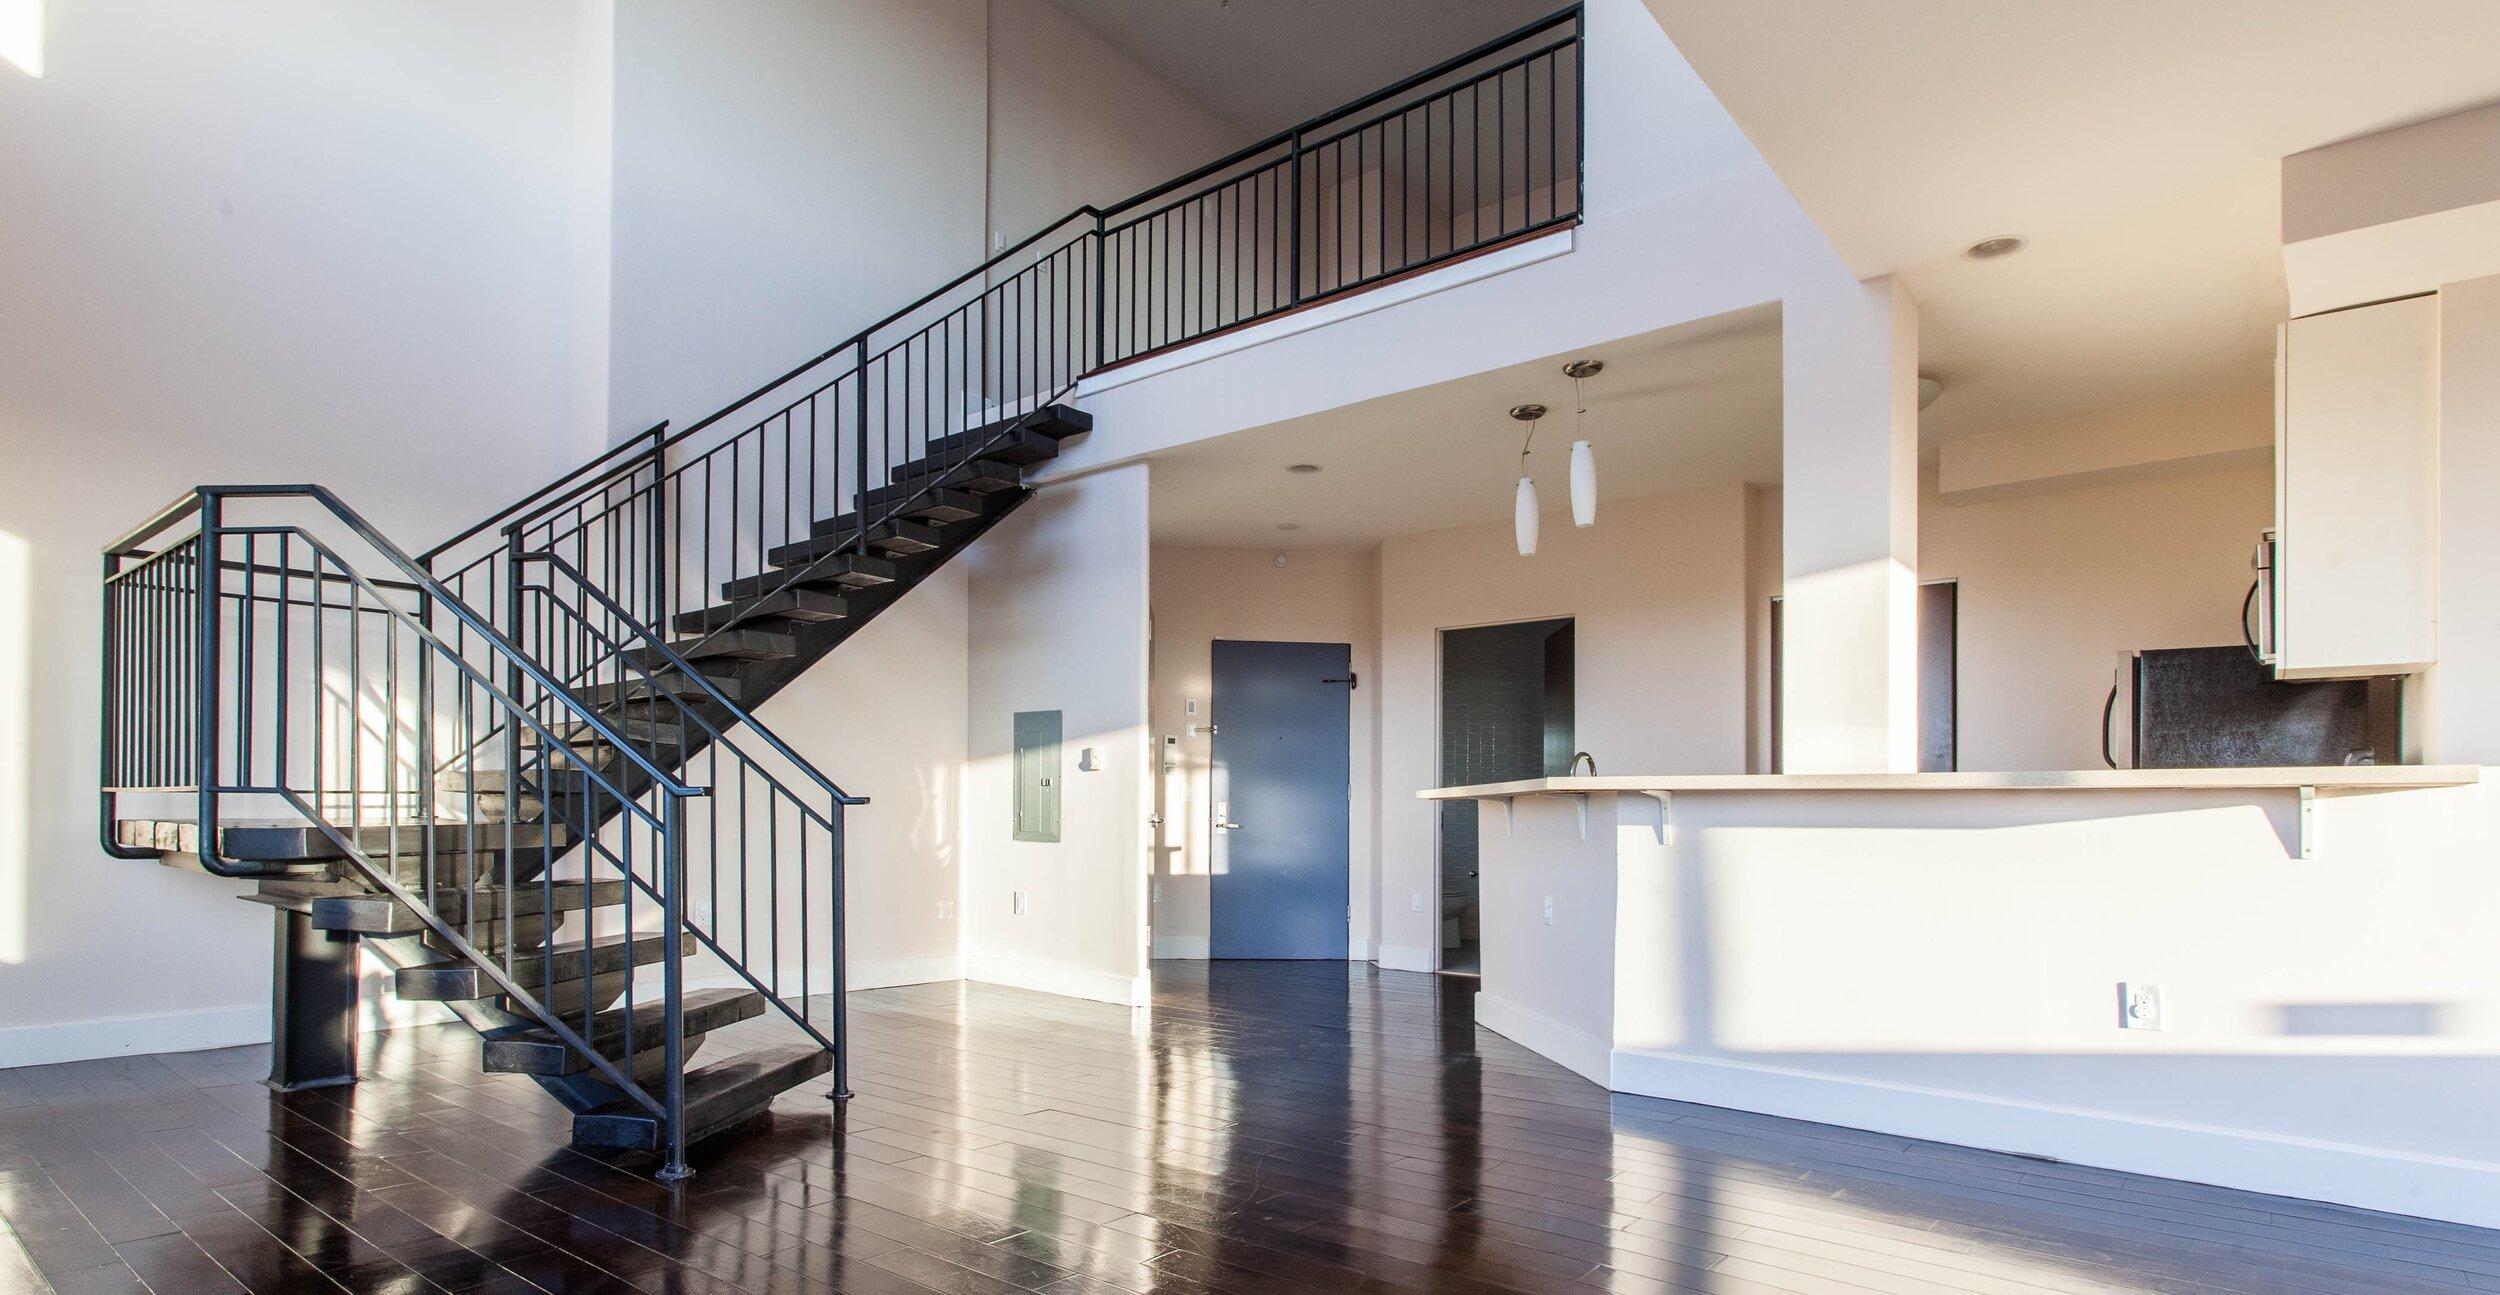 Indigo-141-Apartments-In-East-Orange-NJ.jpg